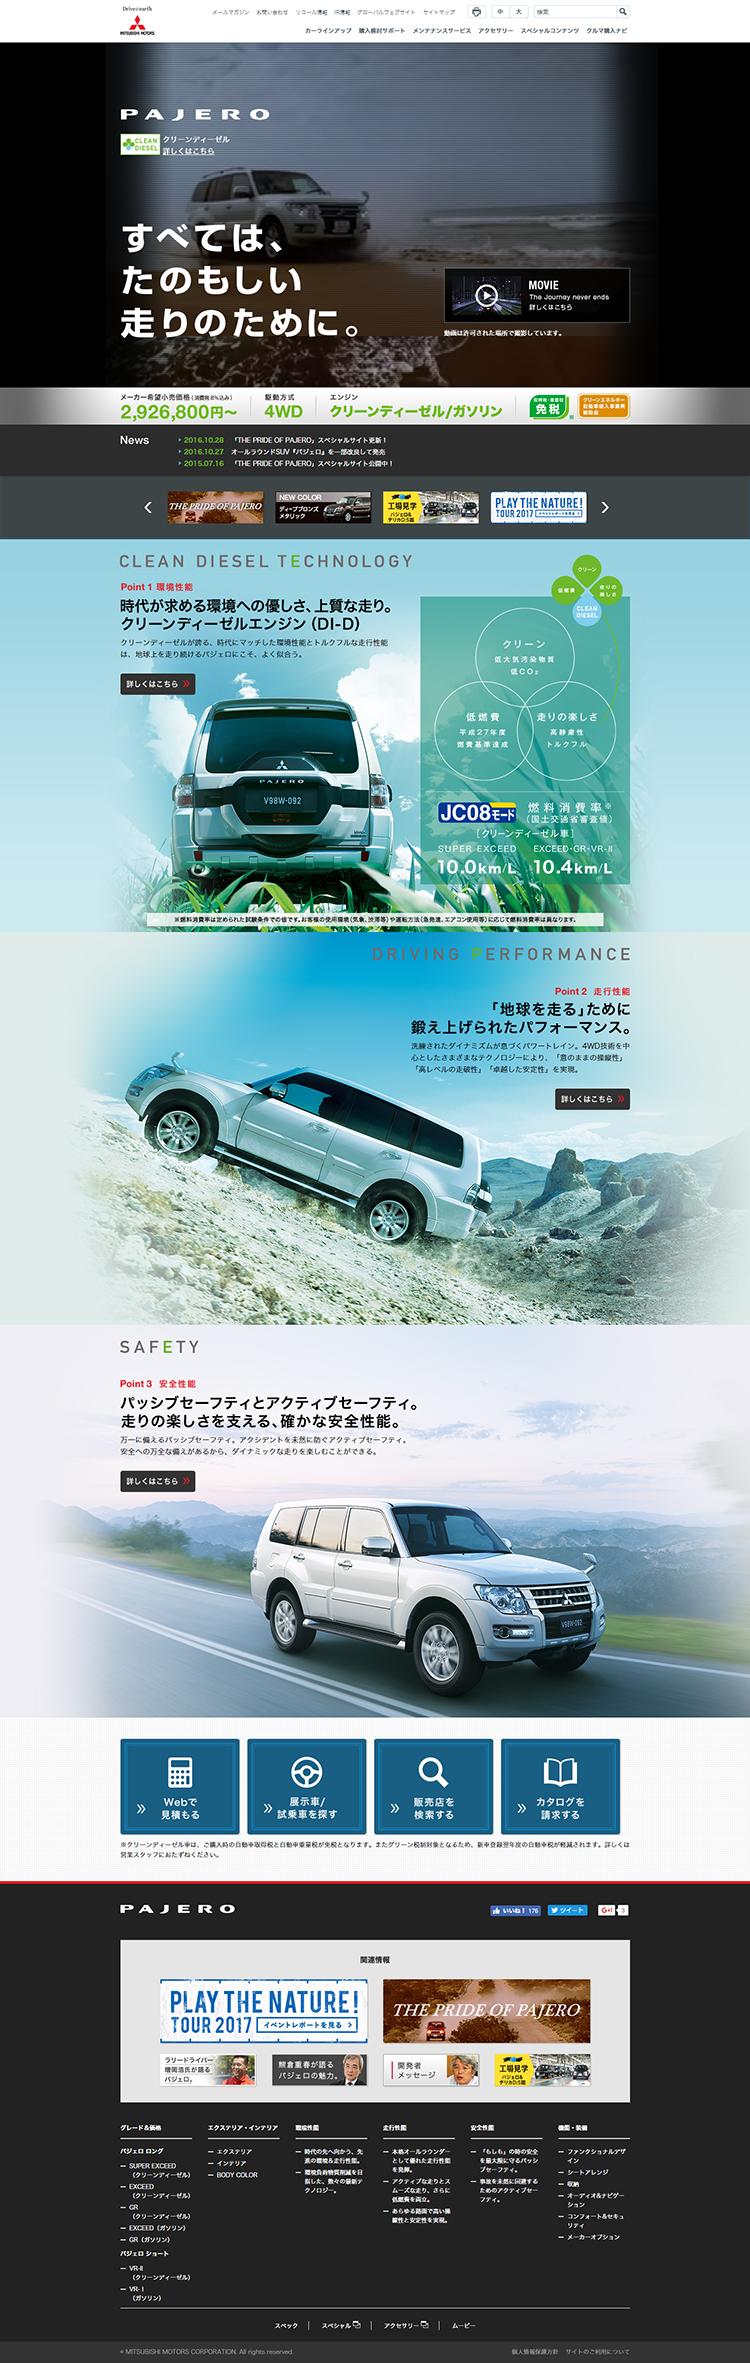 PAJERO|WEBデザイナーさん必見!ランディングページのデザイン参考に(かっこいい系)